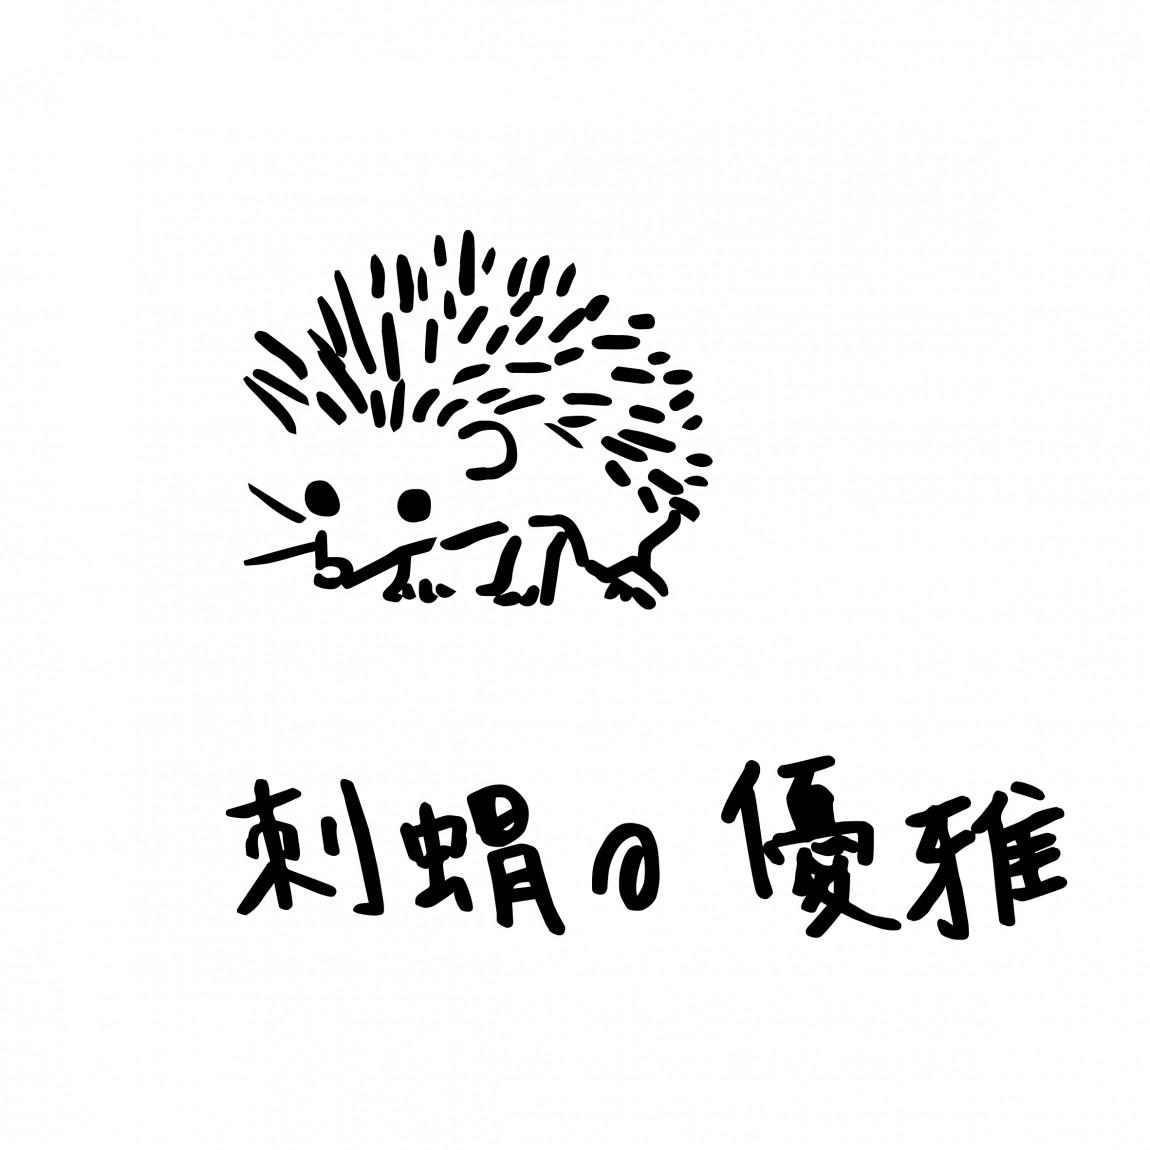 刺蝟-01